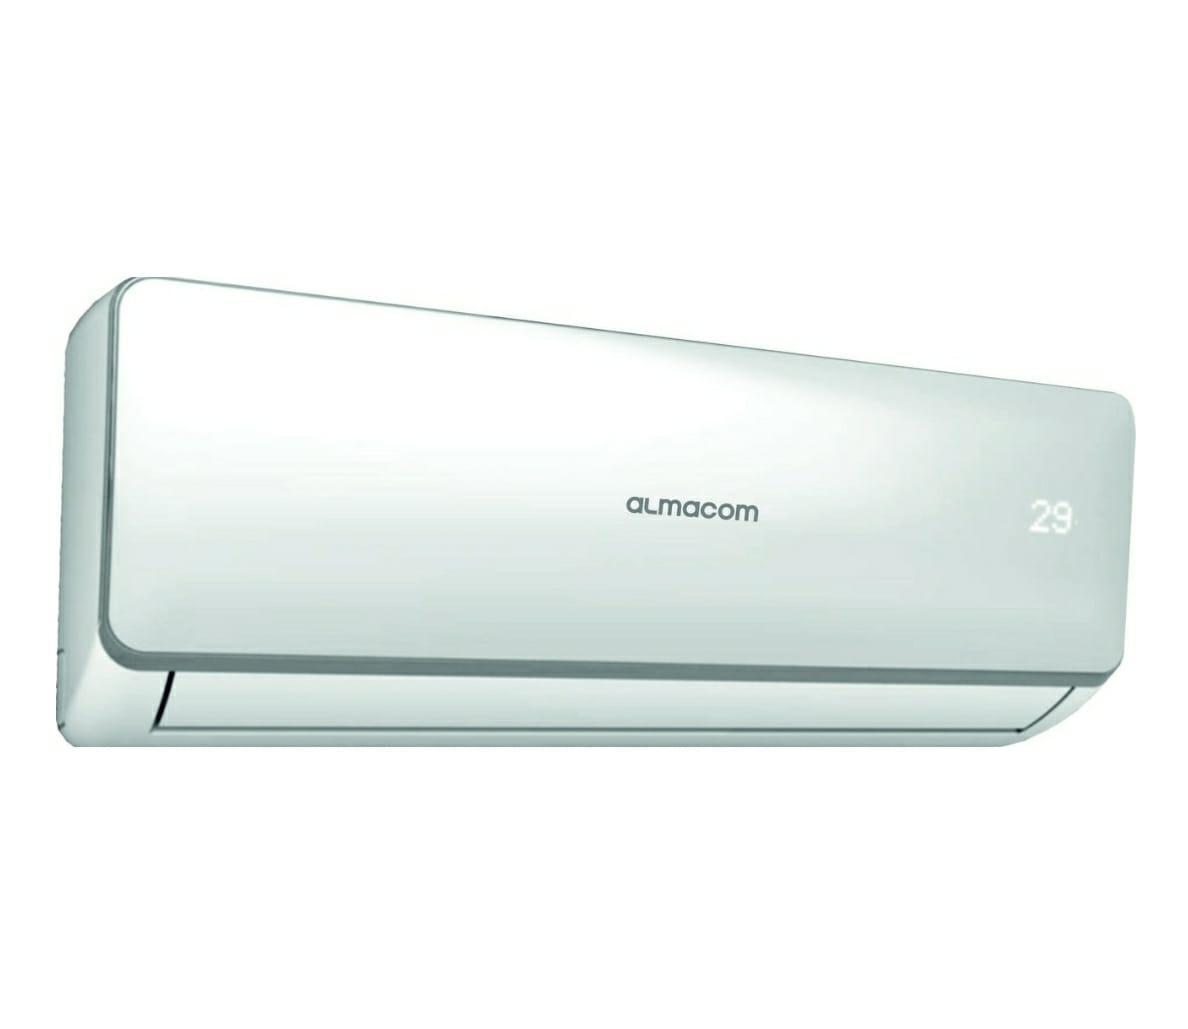 Настенный кондиционер Almacom ACH-24I, Inverter, 65-70 кв.м